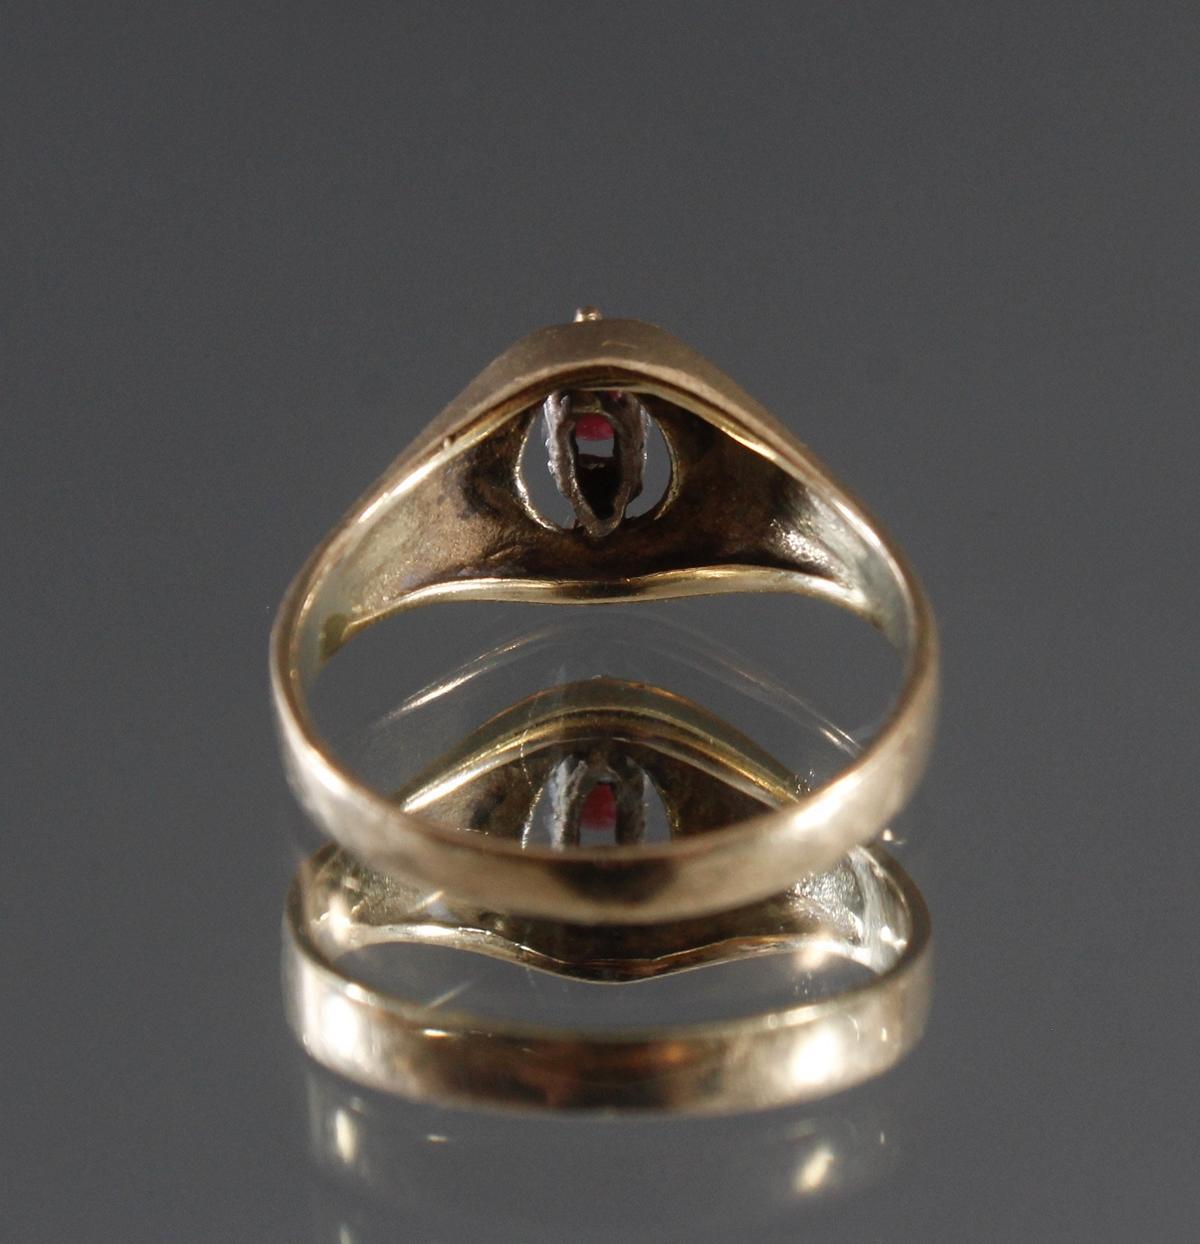 Damenring mit Rubin und 2 kleinen Diamanten, 8 Karat Gelbgold-3